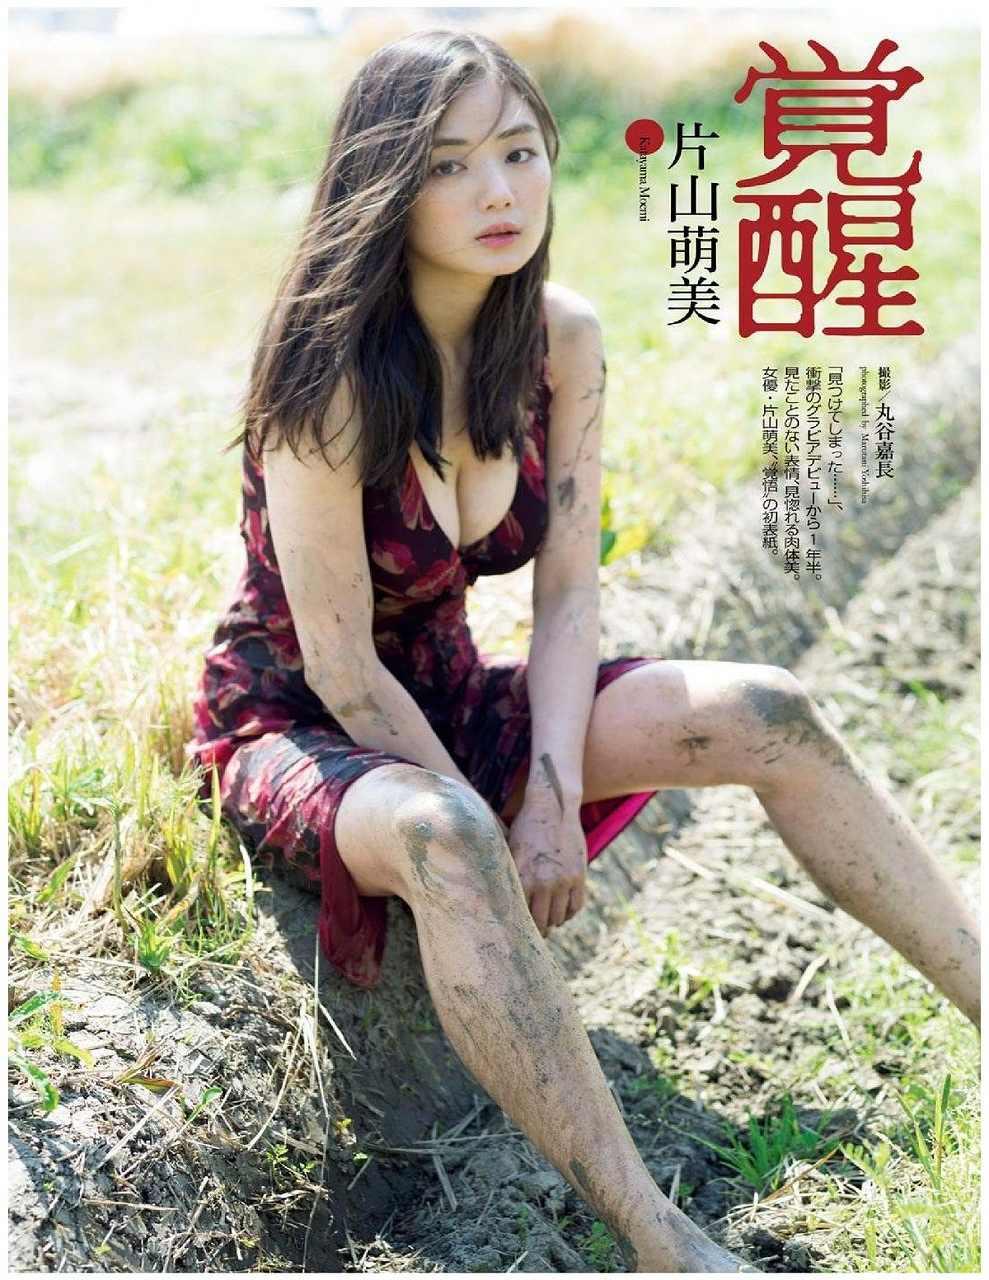 「週刊プレイボーイ 2016年 6/20 号」片山萌美のおっぱい谷間グラビア